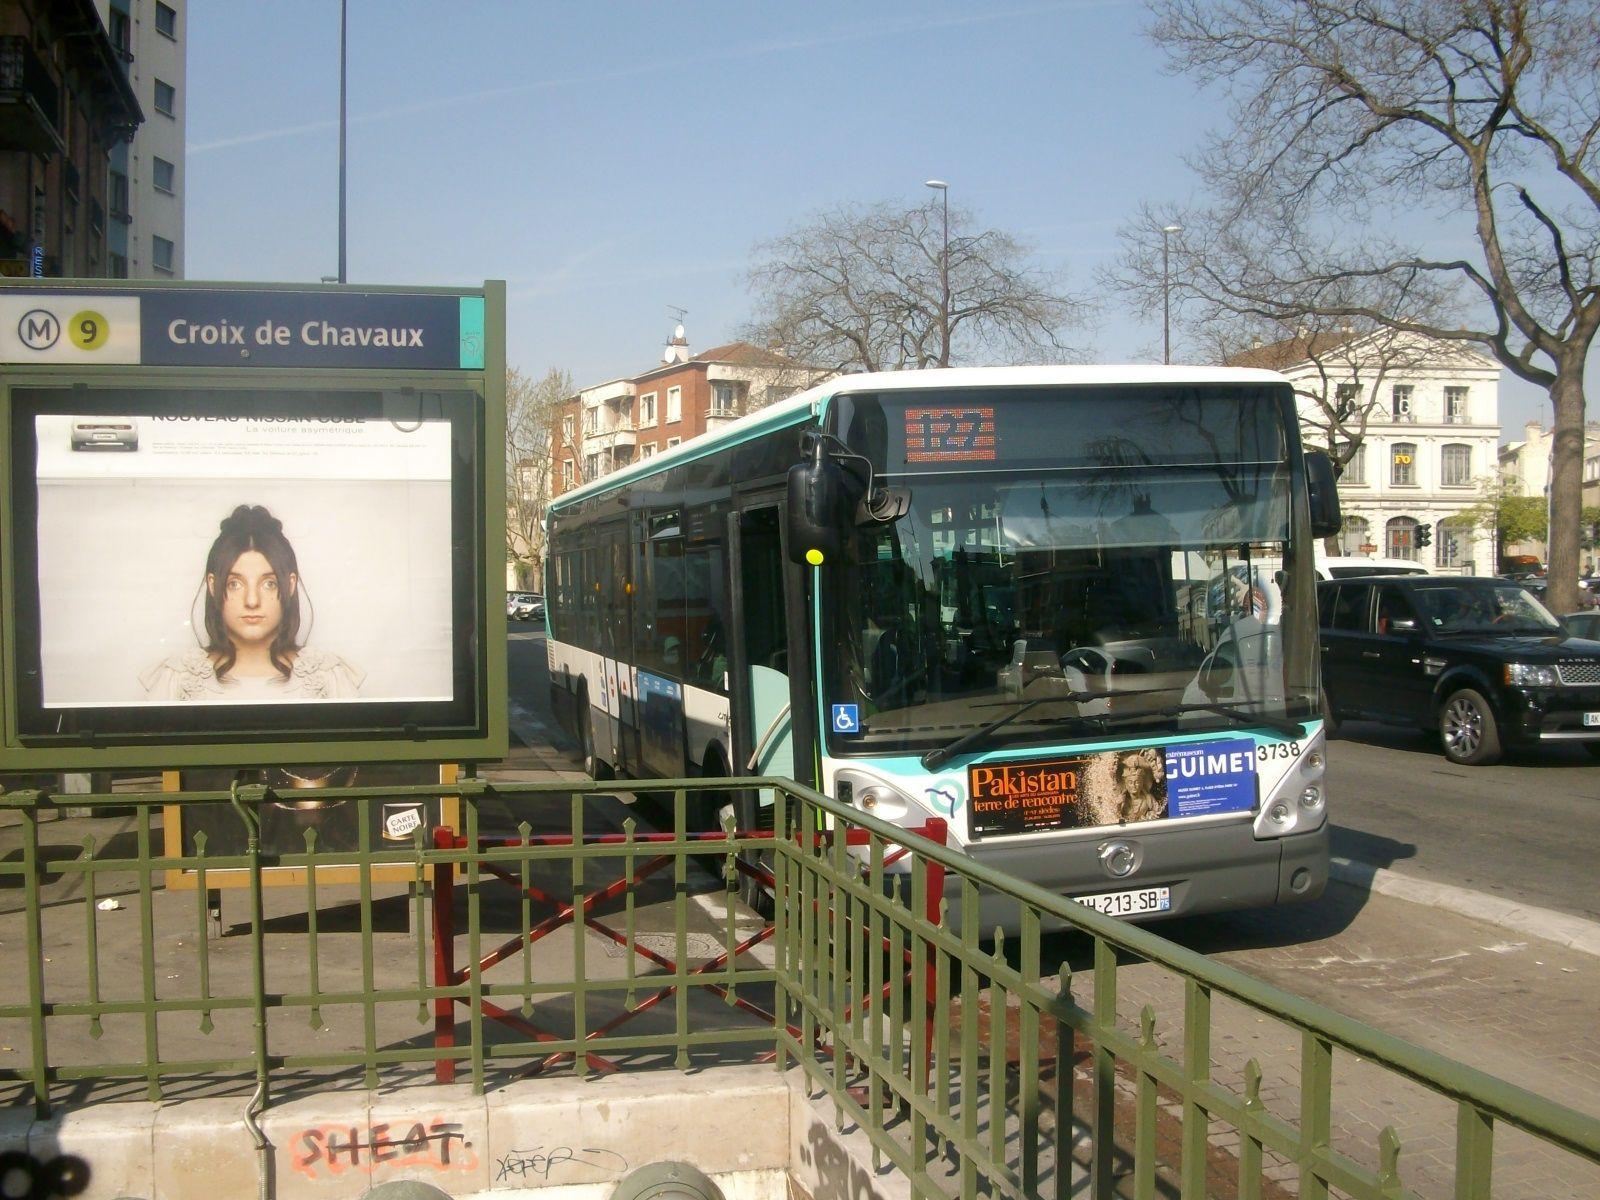 Pr sentation de la ligne bus 127 - Piscine de croix de chavaux ...